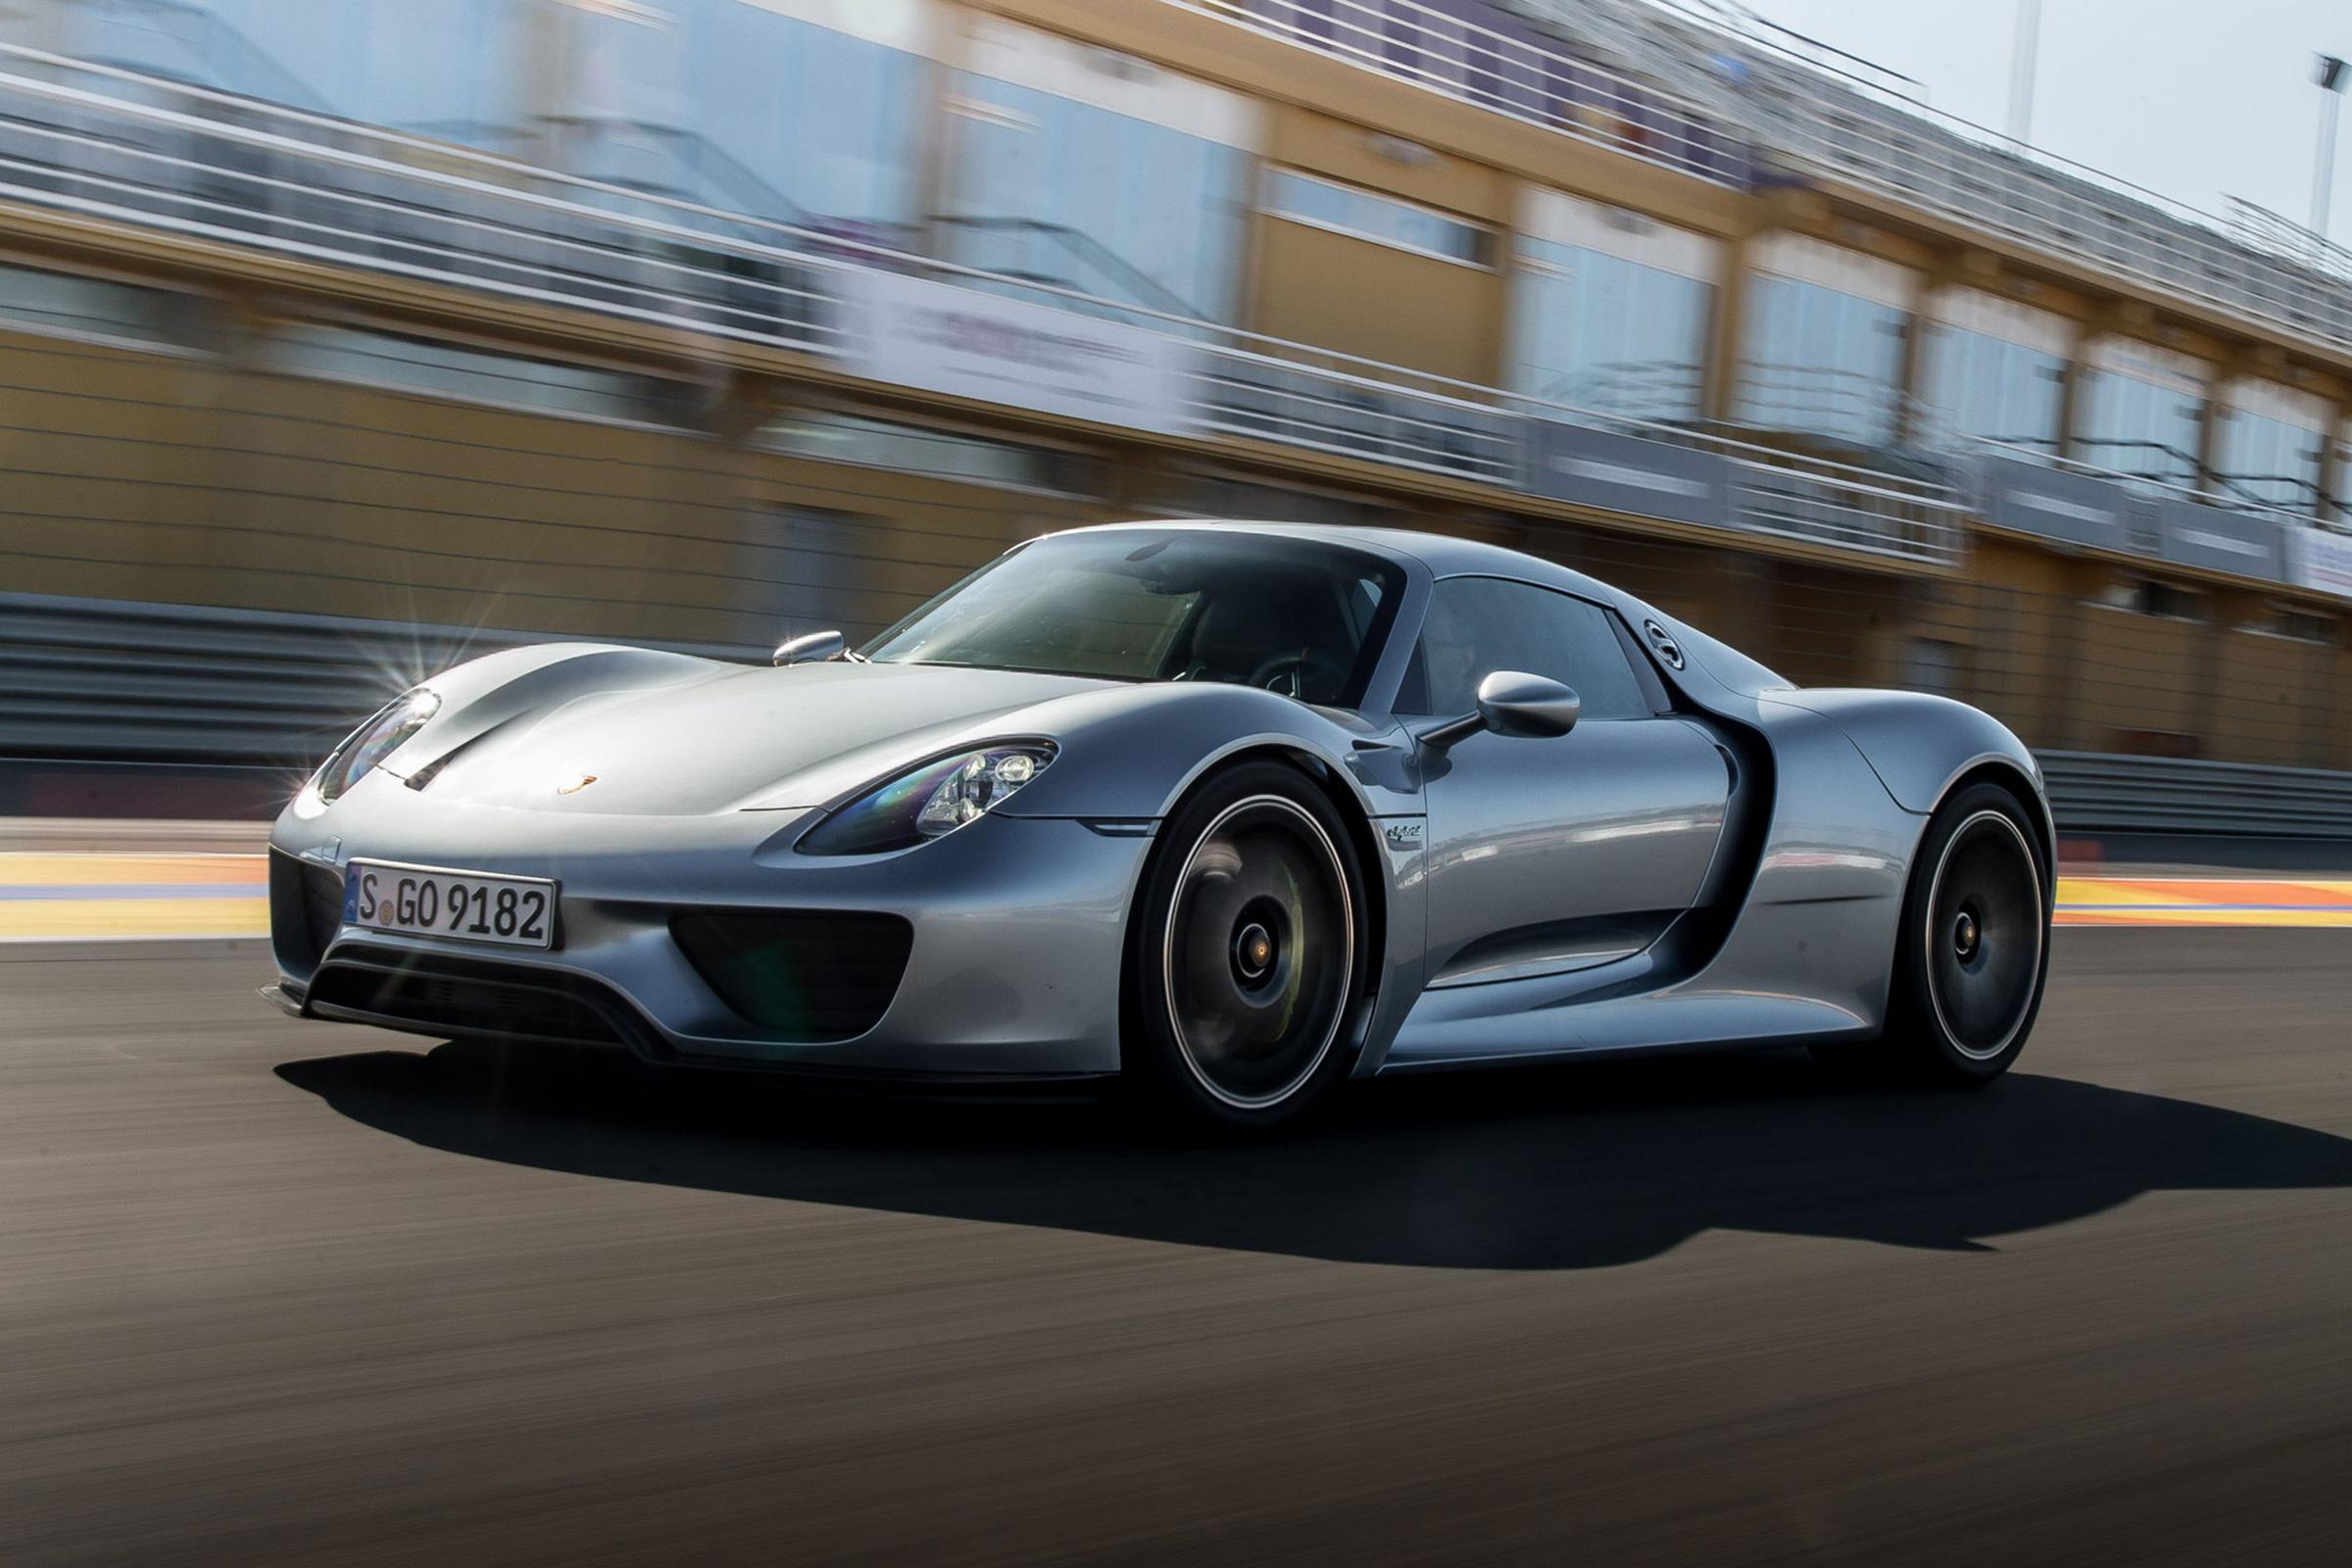 Long wait for Porsche 918 Spyder replacement